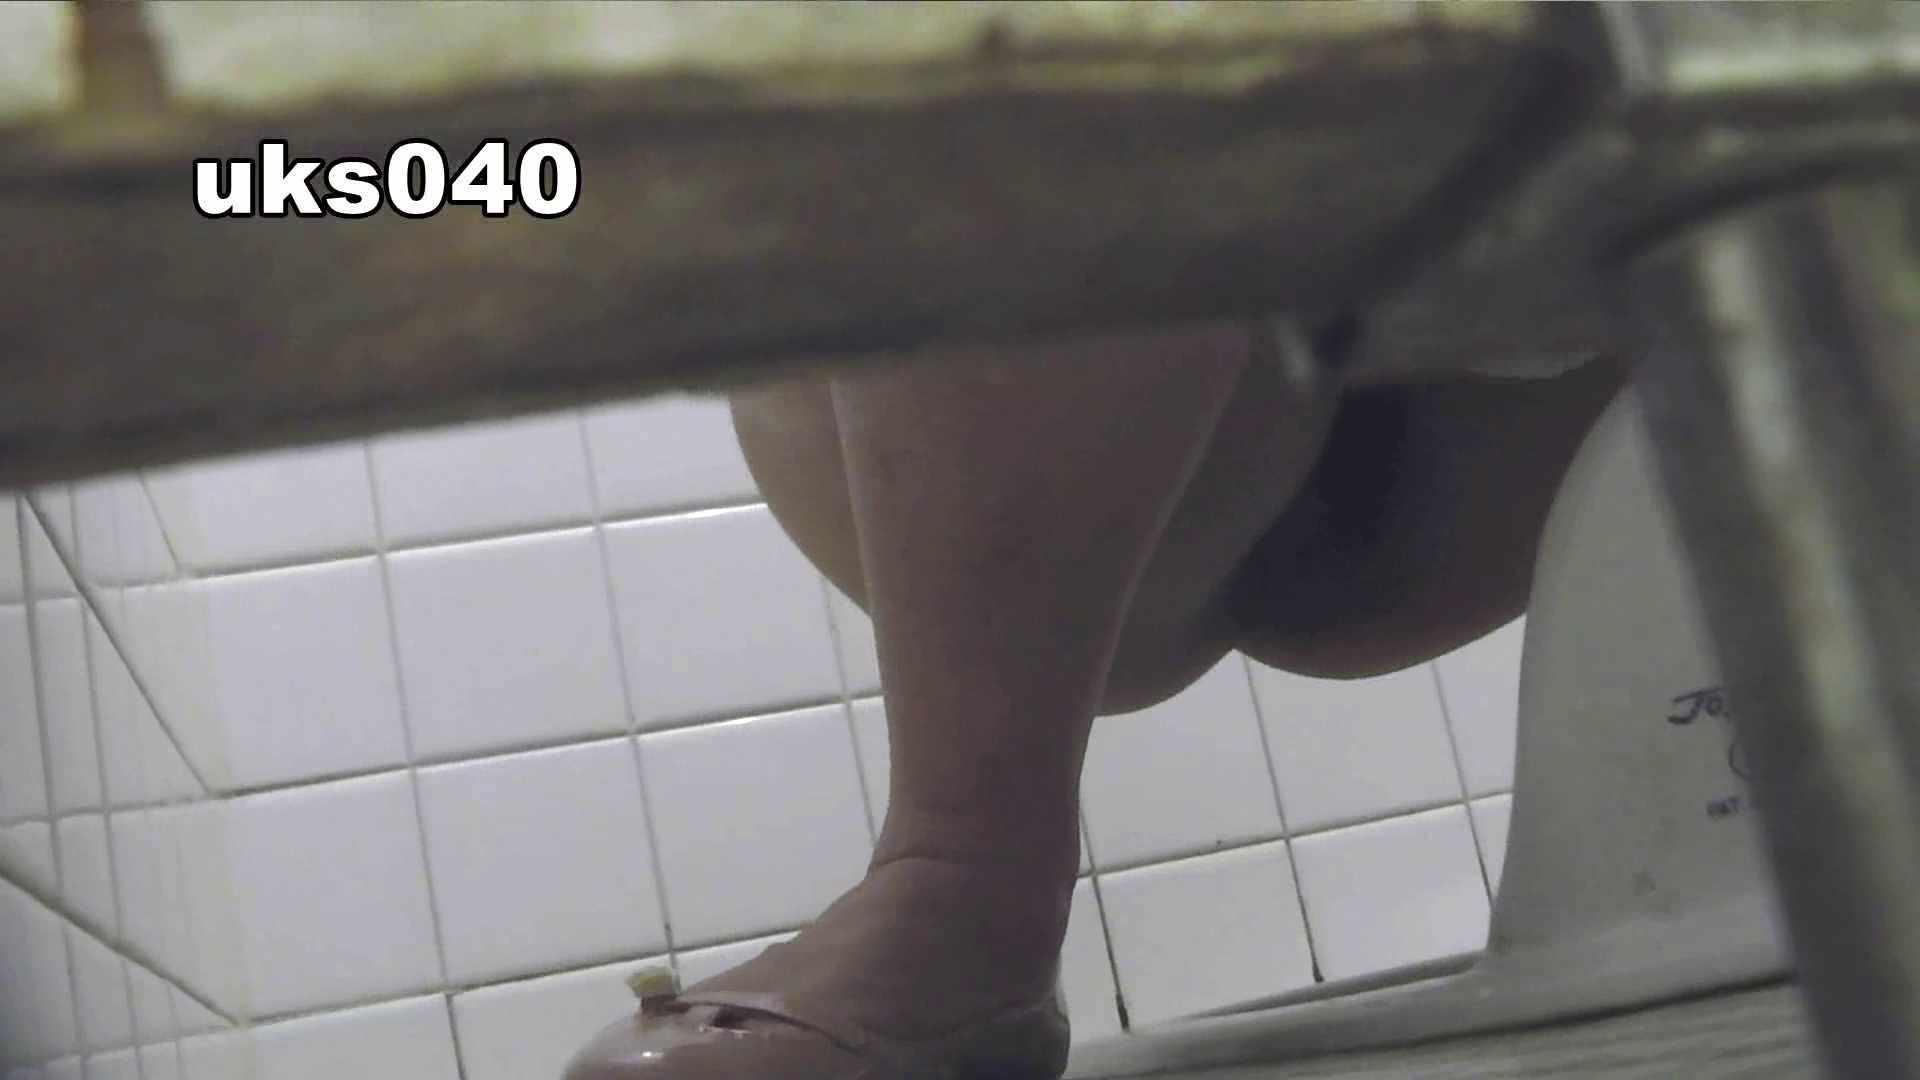 【美しき個室な世界】 vol.040 出て行かれる時の清楚姿撮り 洗面所  75画像 66